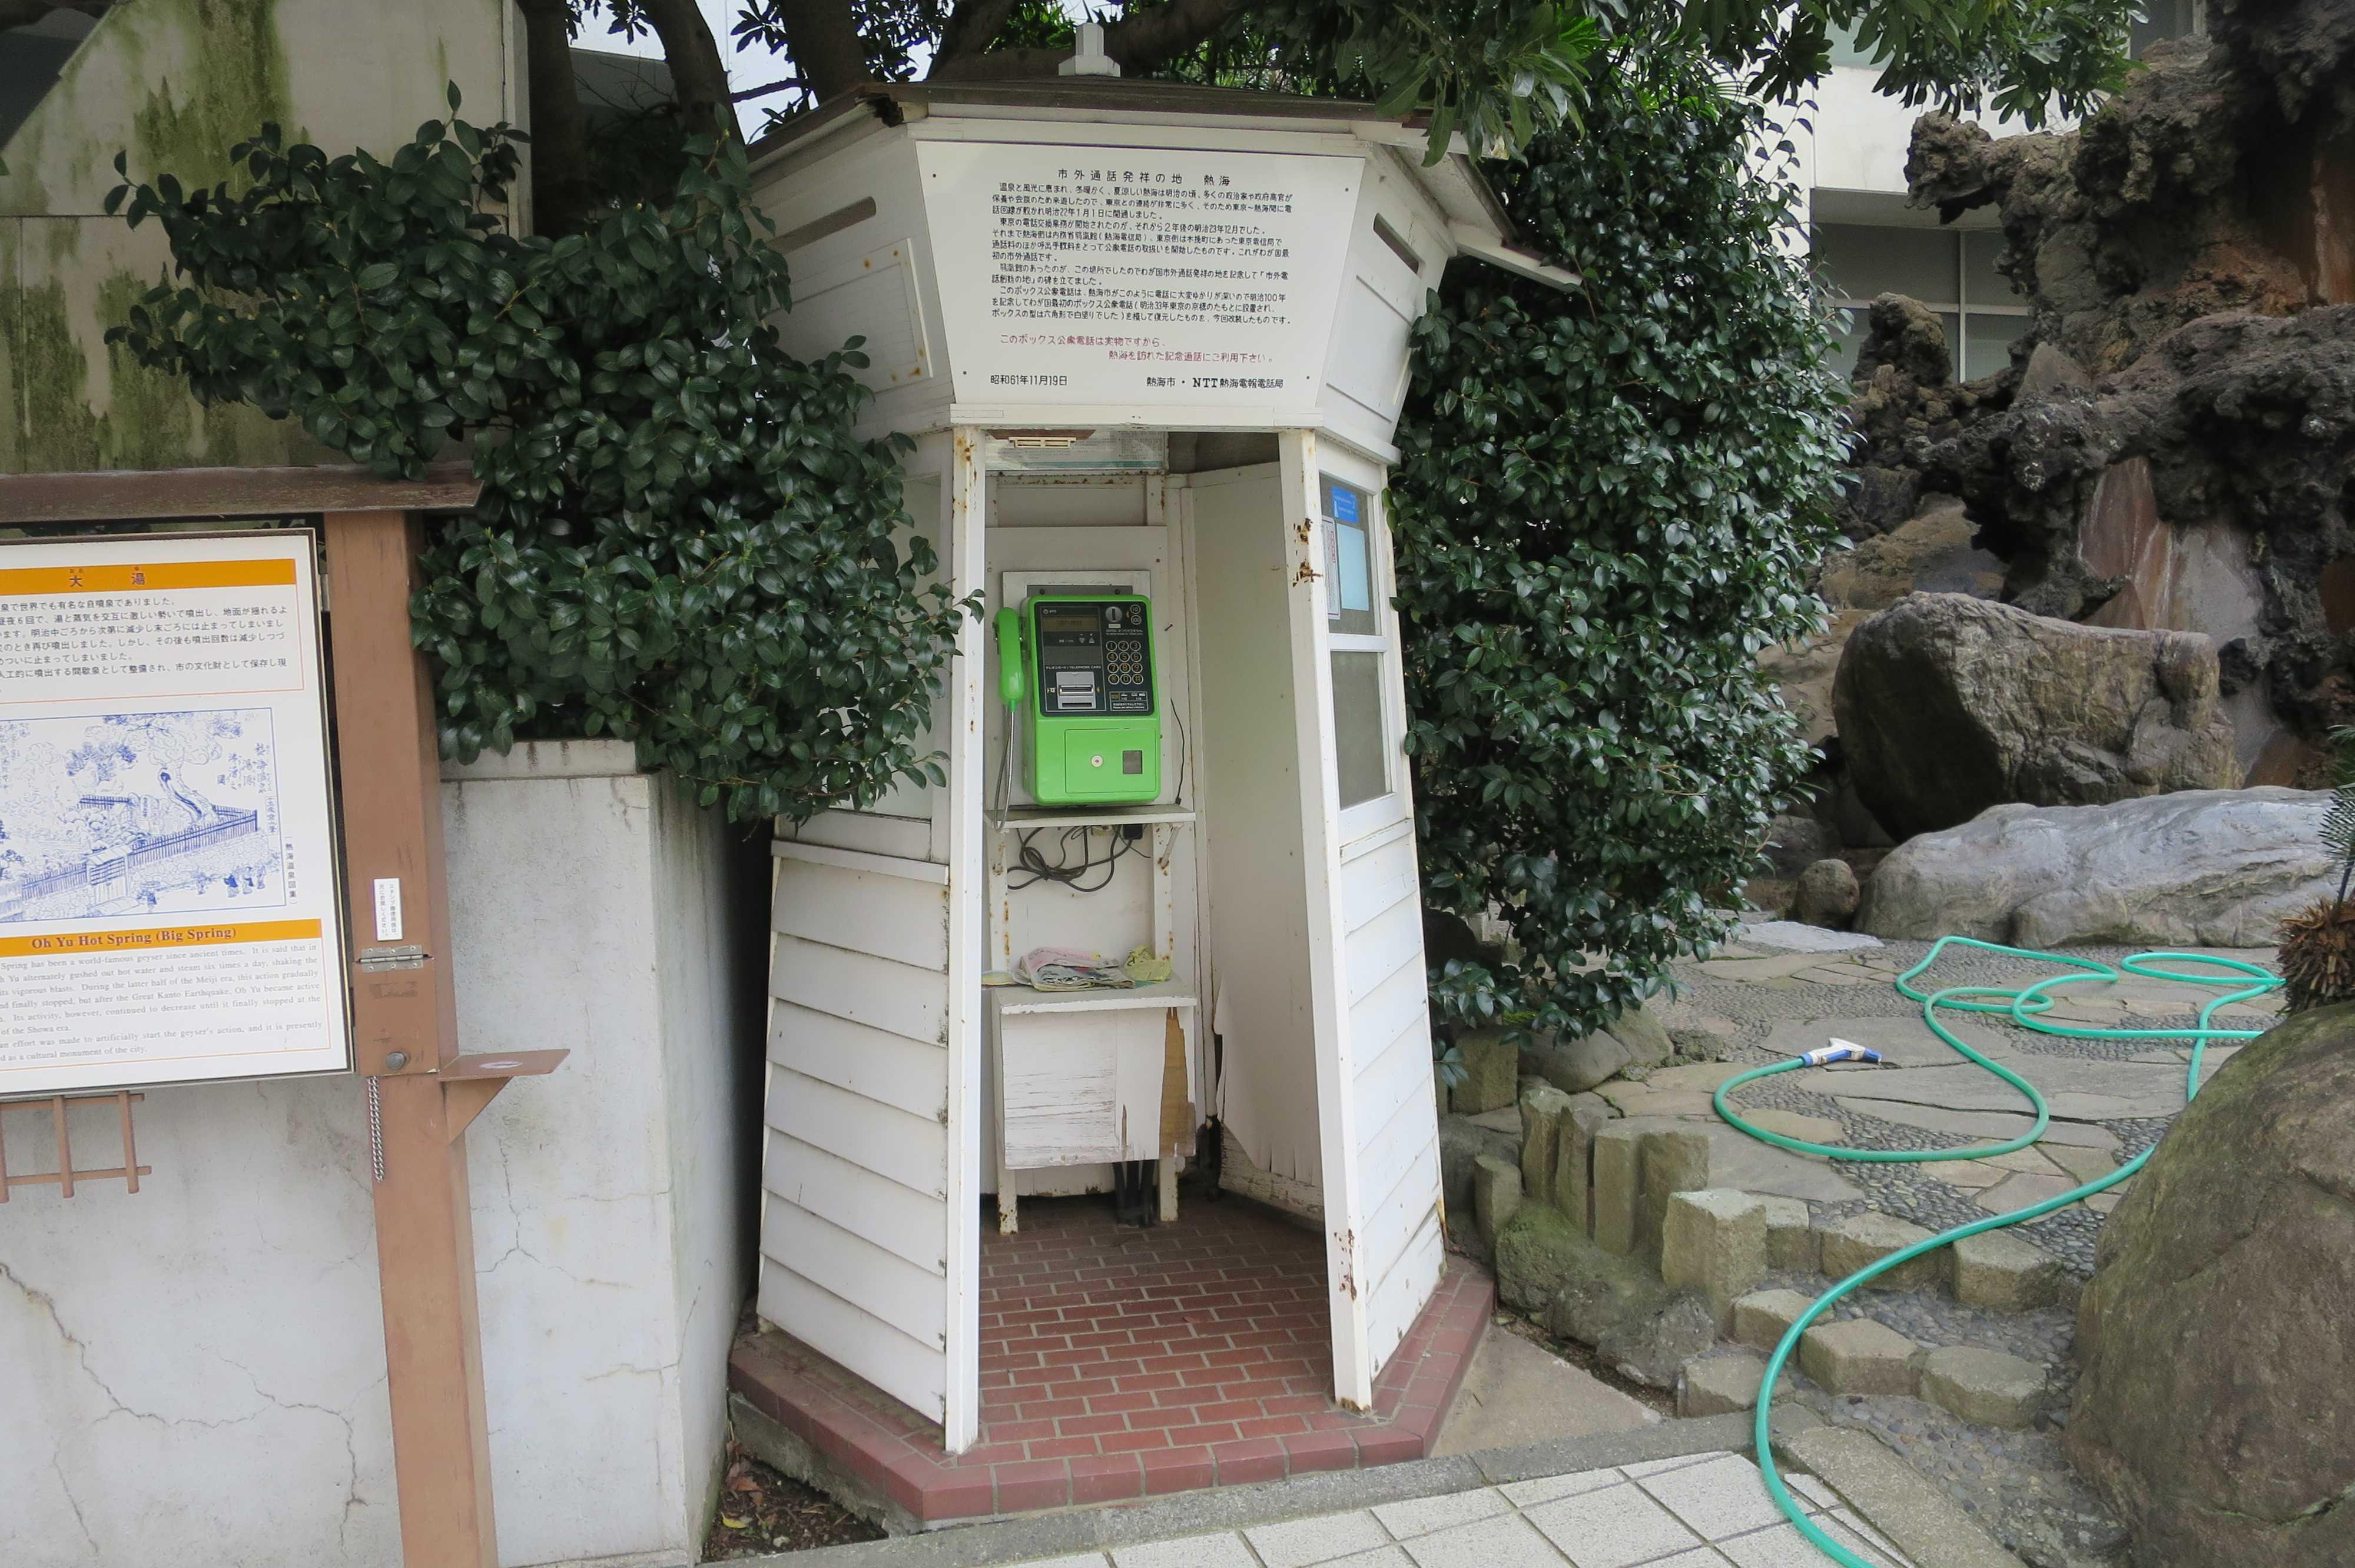 熱海 - 日本初のボックス公衆電話